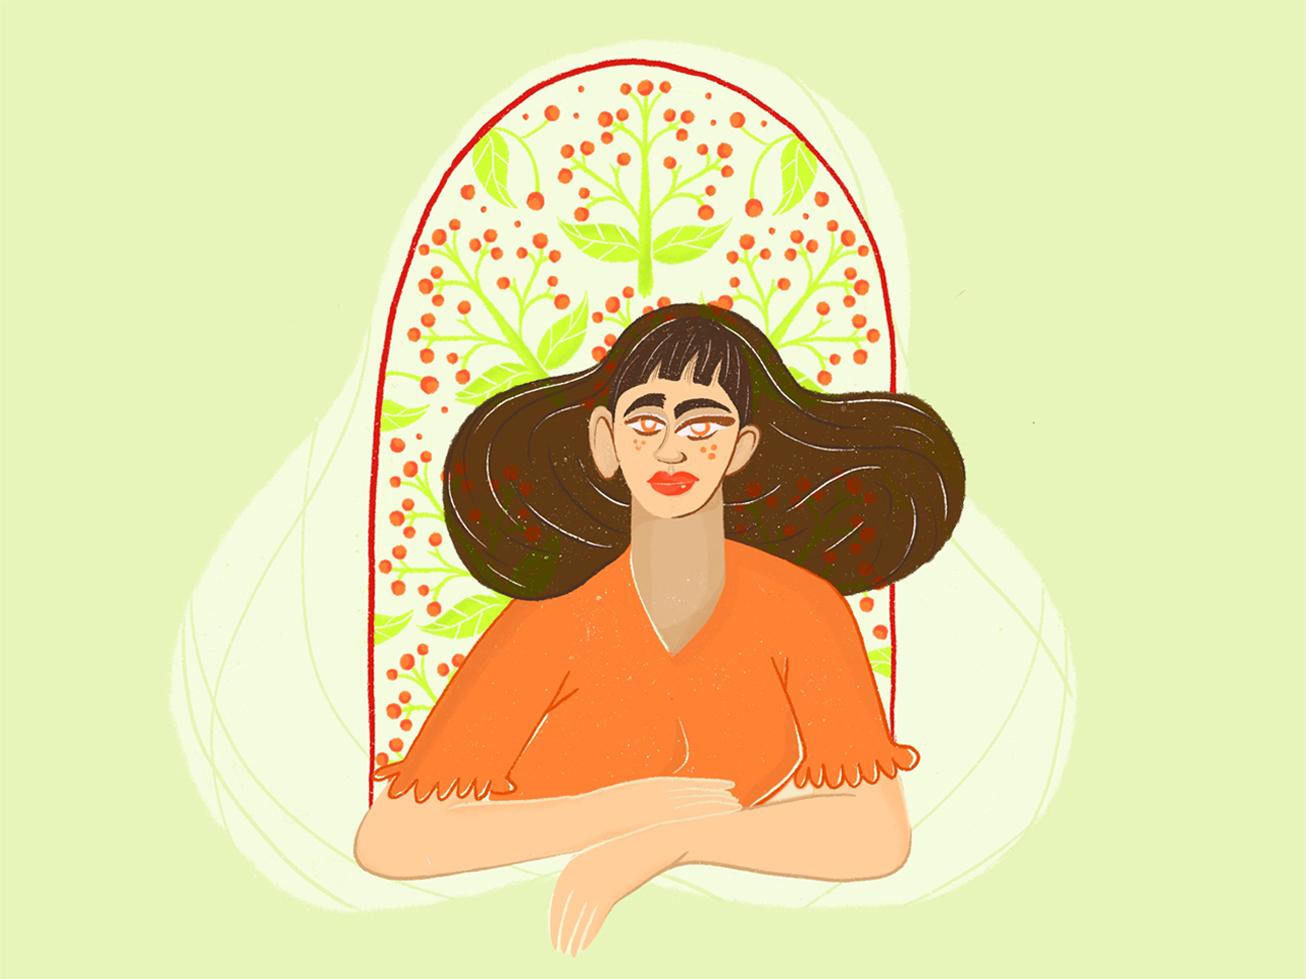 Hey Grrl floral character design illustration woman illustration girl flowers character procreate